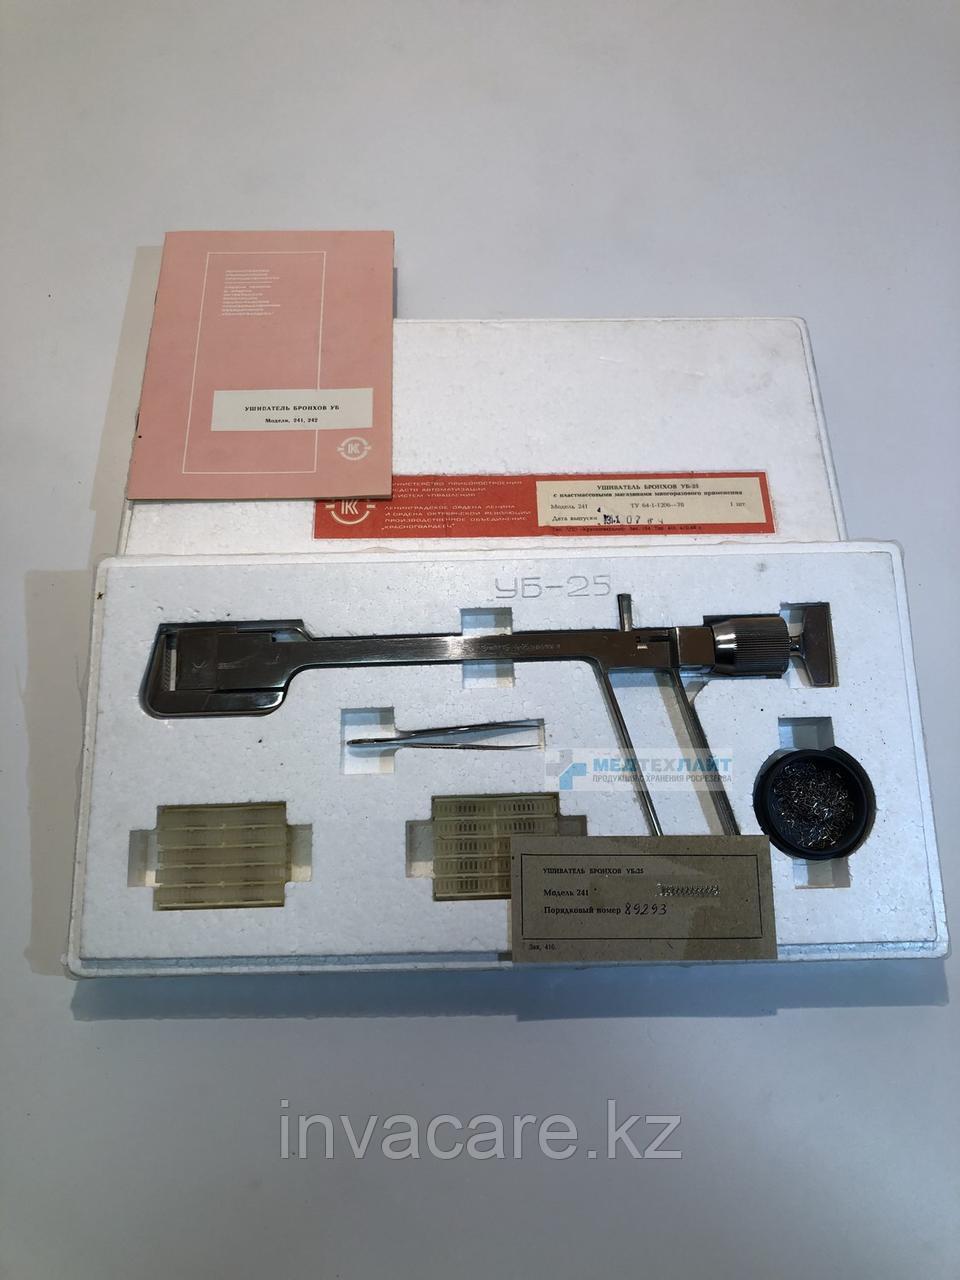 Ушиватель бронхов УБ-25 мод. 241